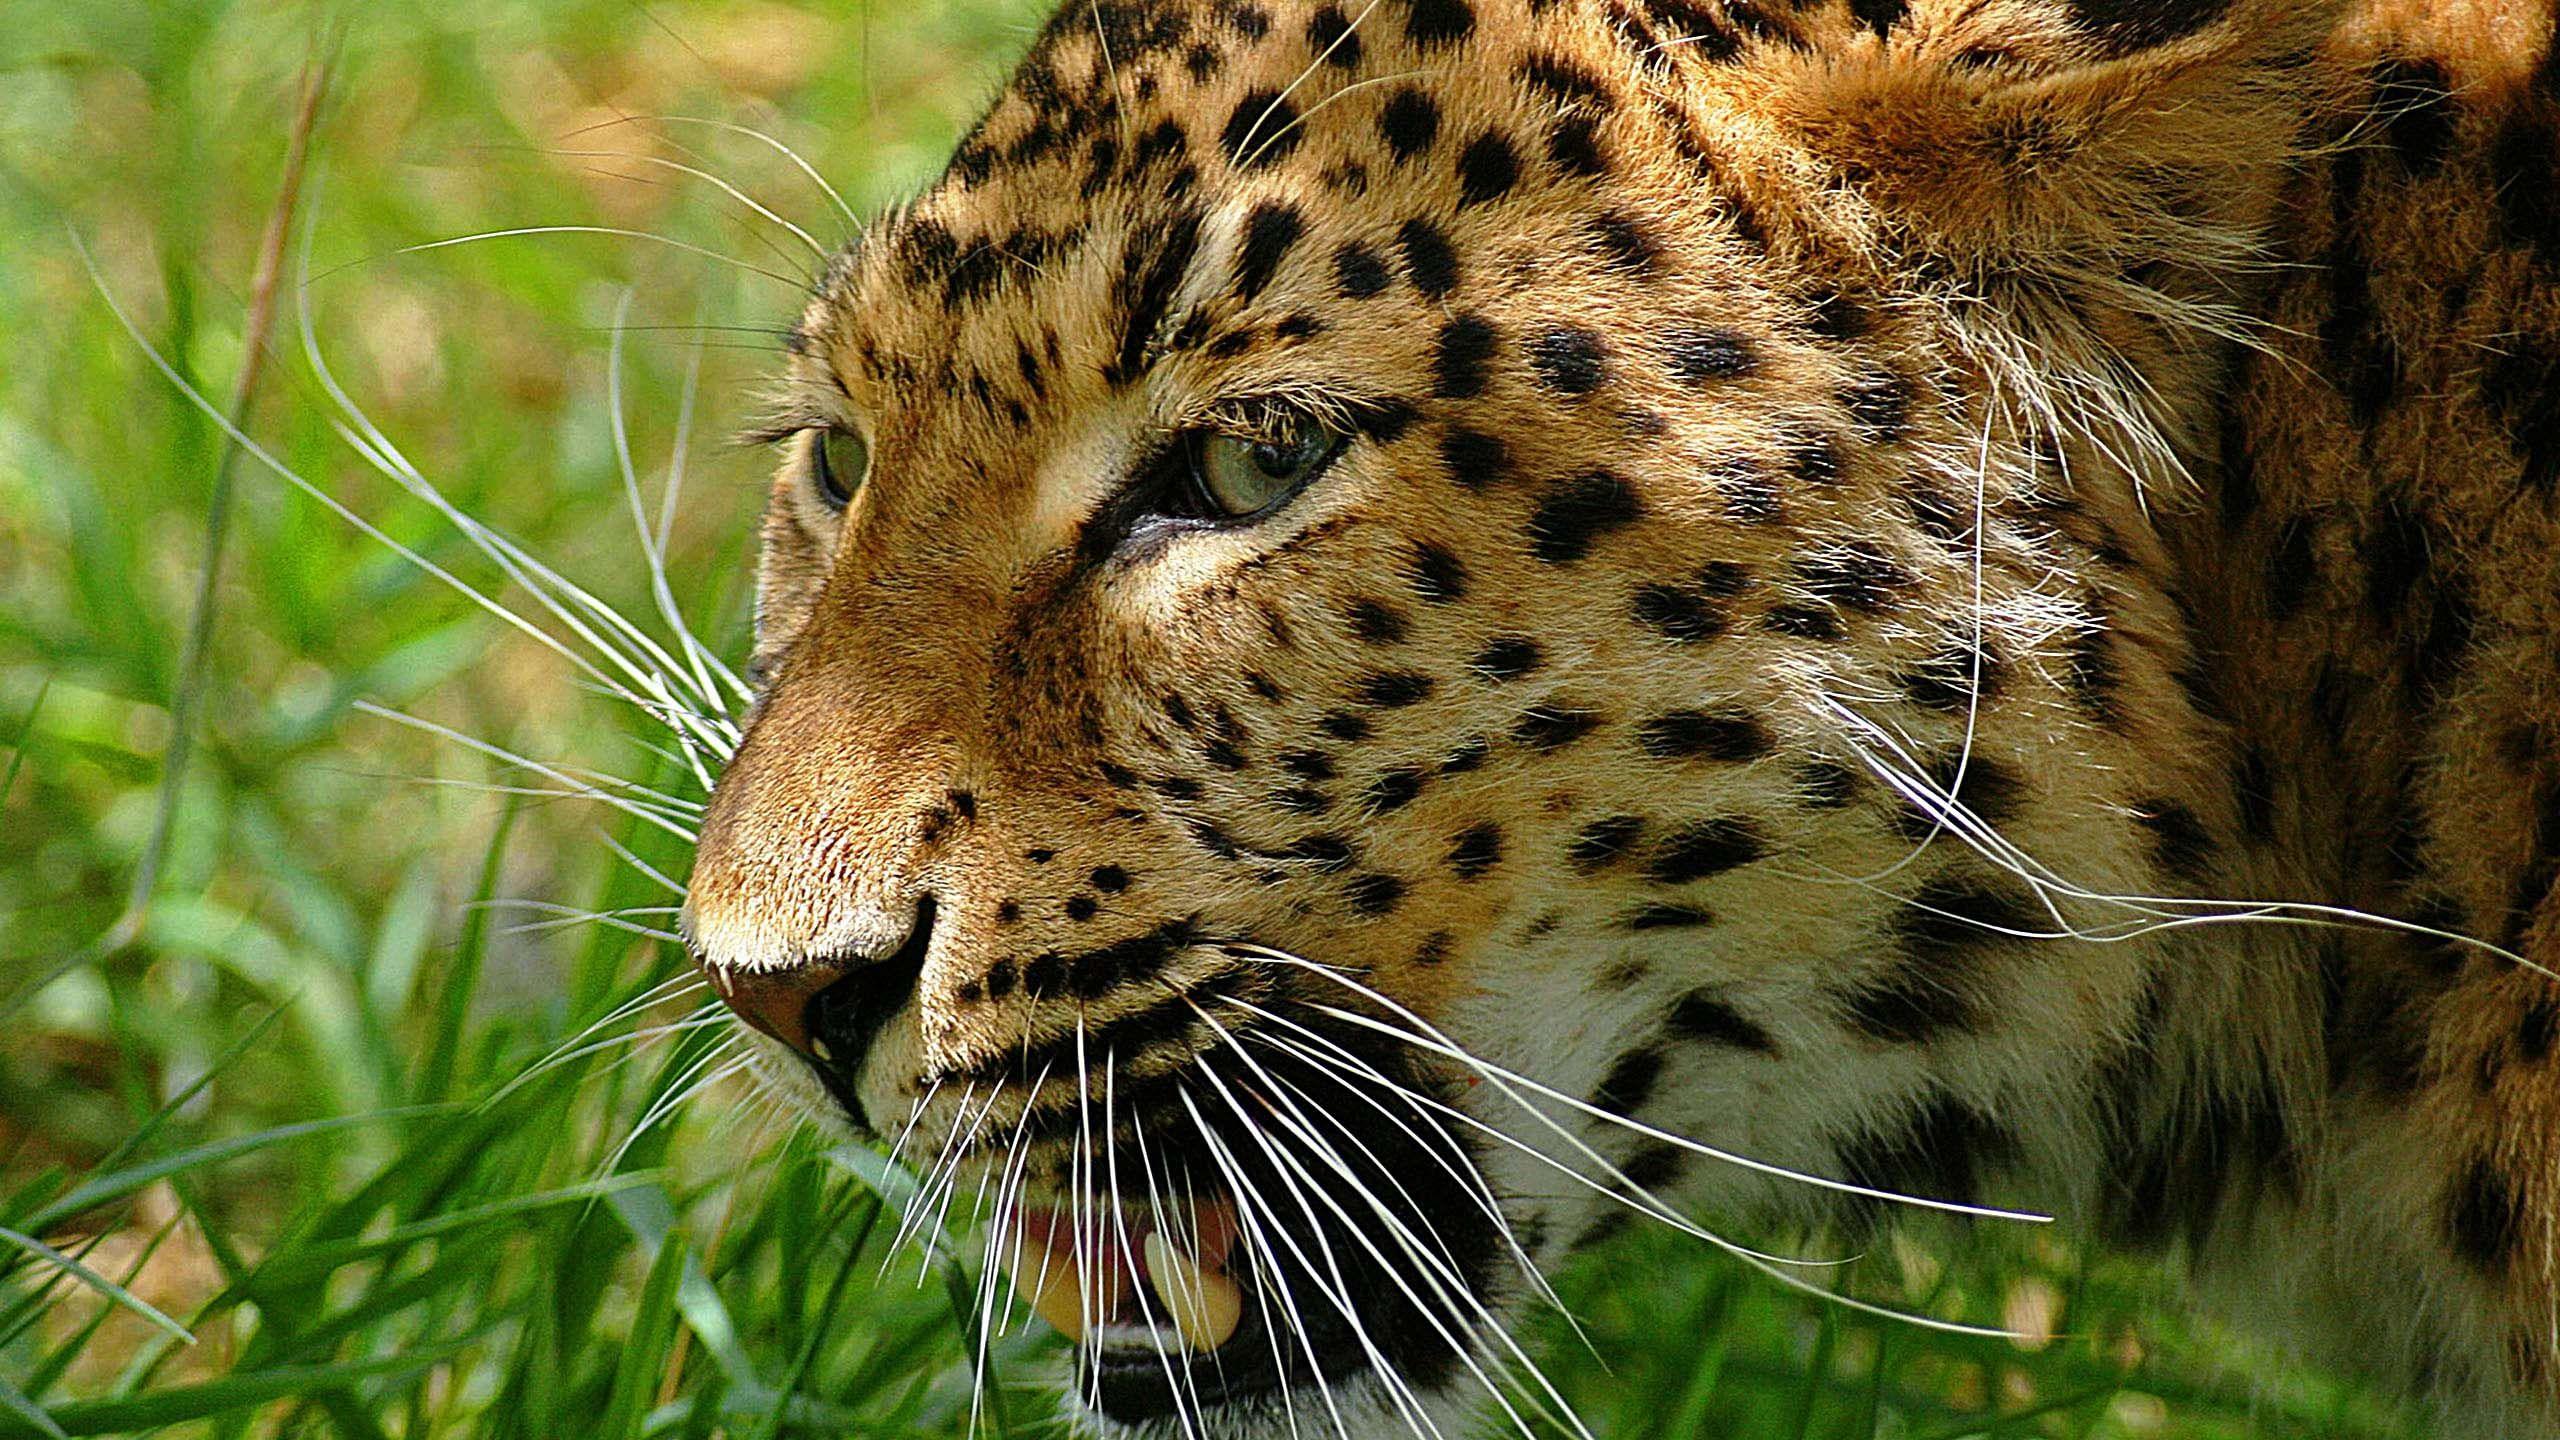 Gambar Leopard Http 1080wallpapernet Gambar Leopardhtml